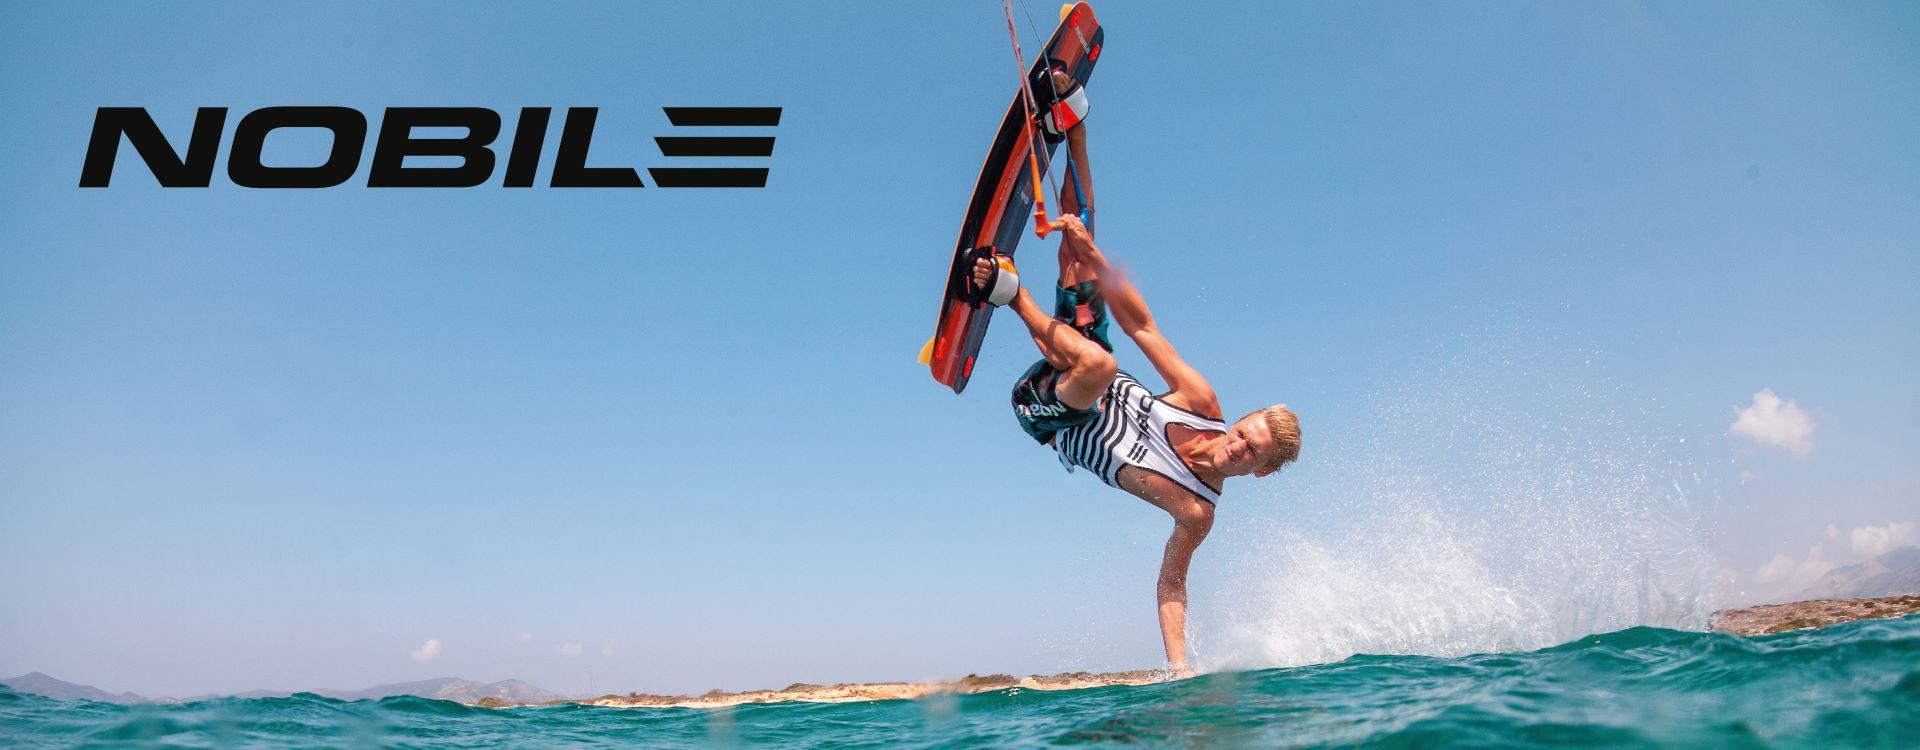 nobile kiteboarding kitesurf equipment